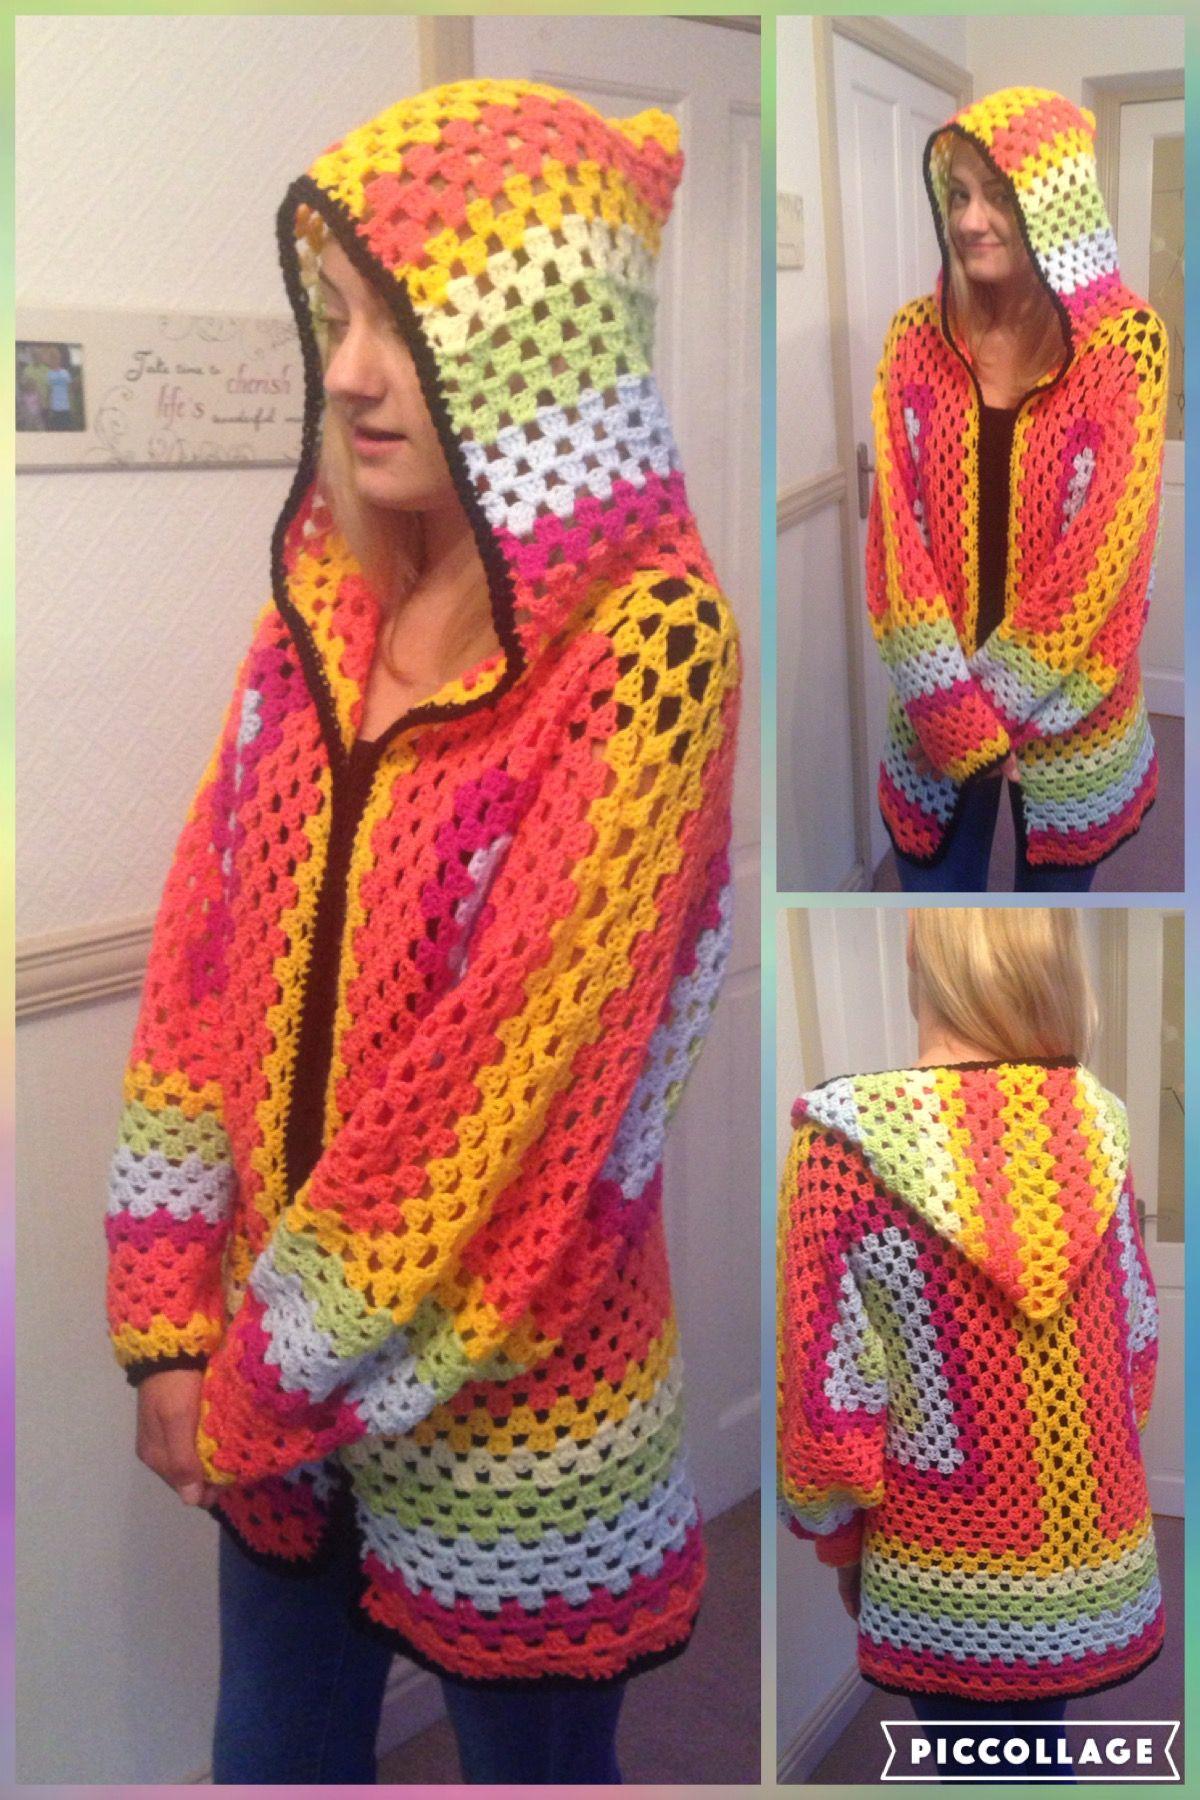 Hexagonal Hooded Cardigan | Pinterest | Häkeln, Stricken und häkeln ...